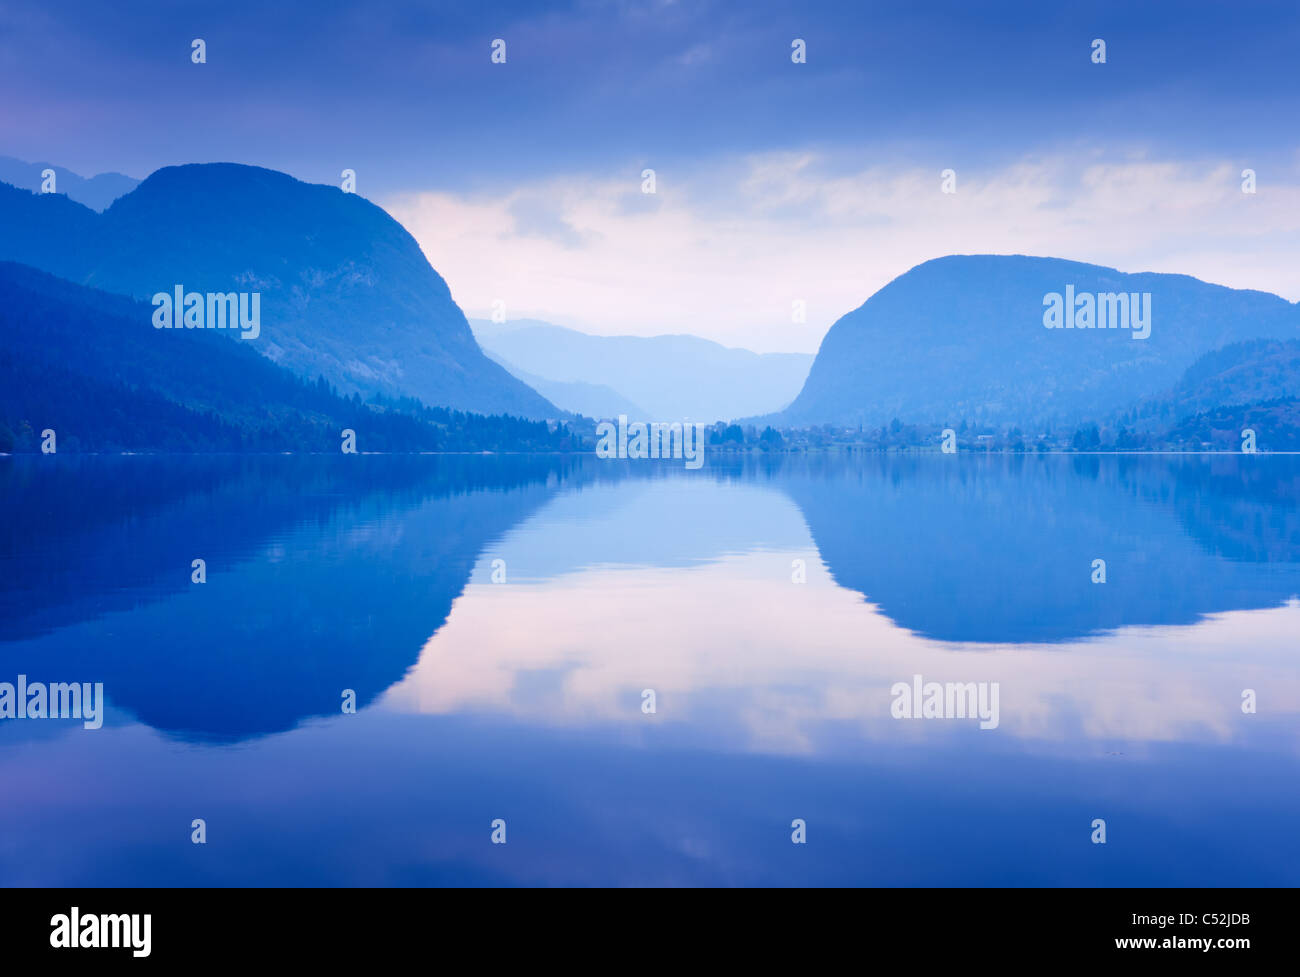 Blue Mountains reflète dans l'eau du lac. Le lac de Bohinj, en Slovénie. Photo Stock